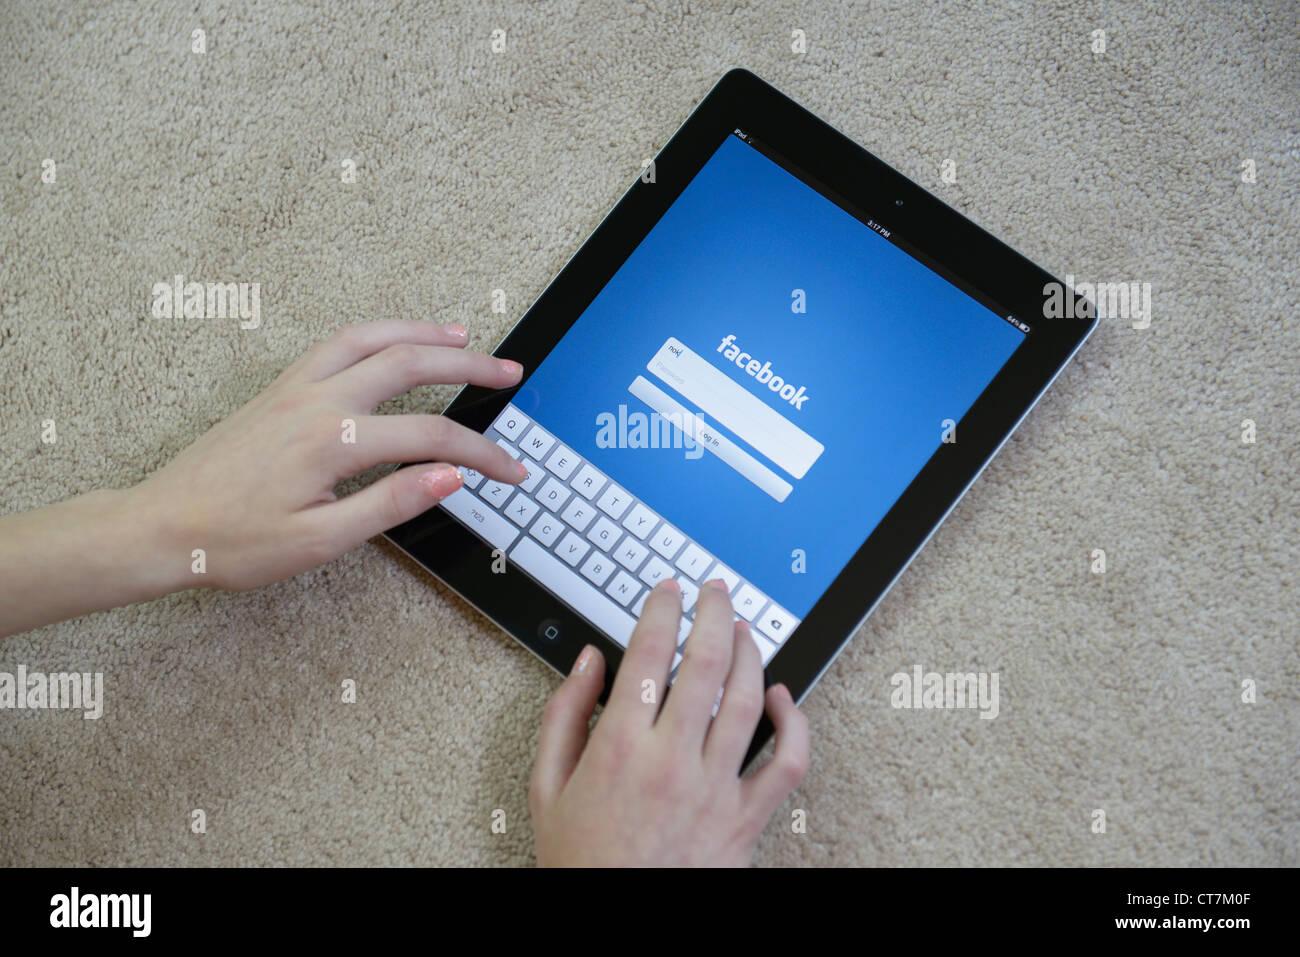 Facebook login girl